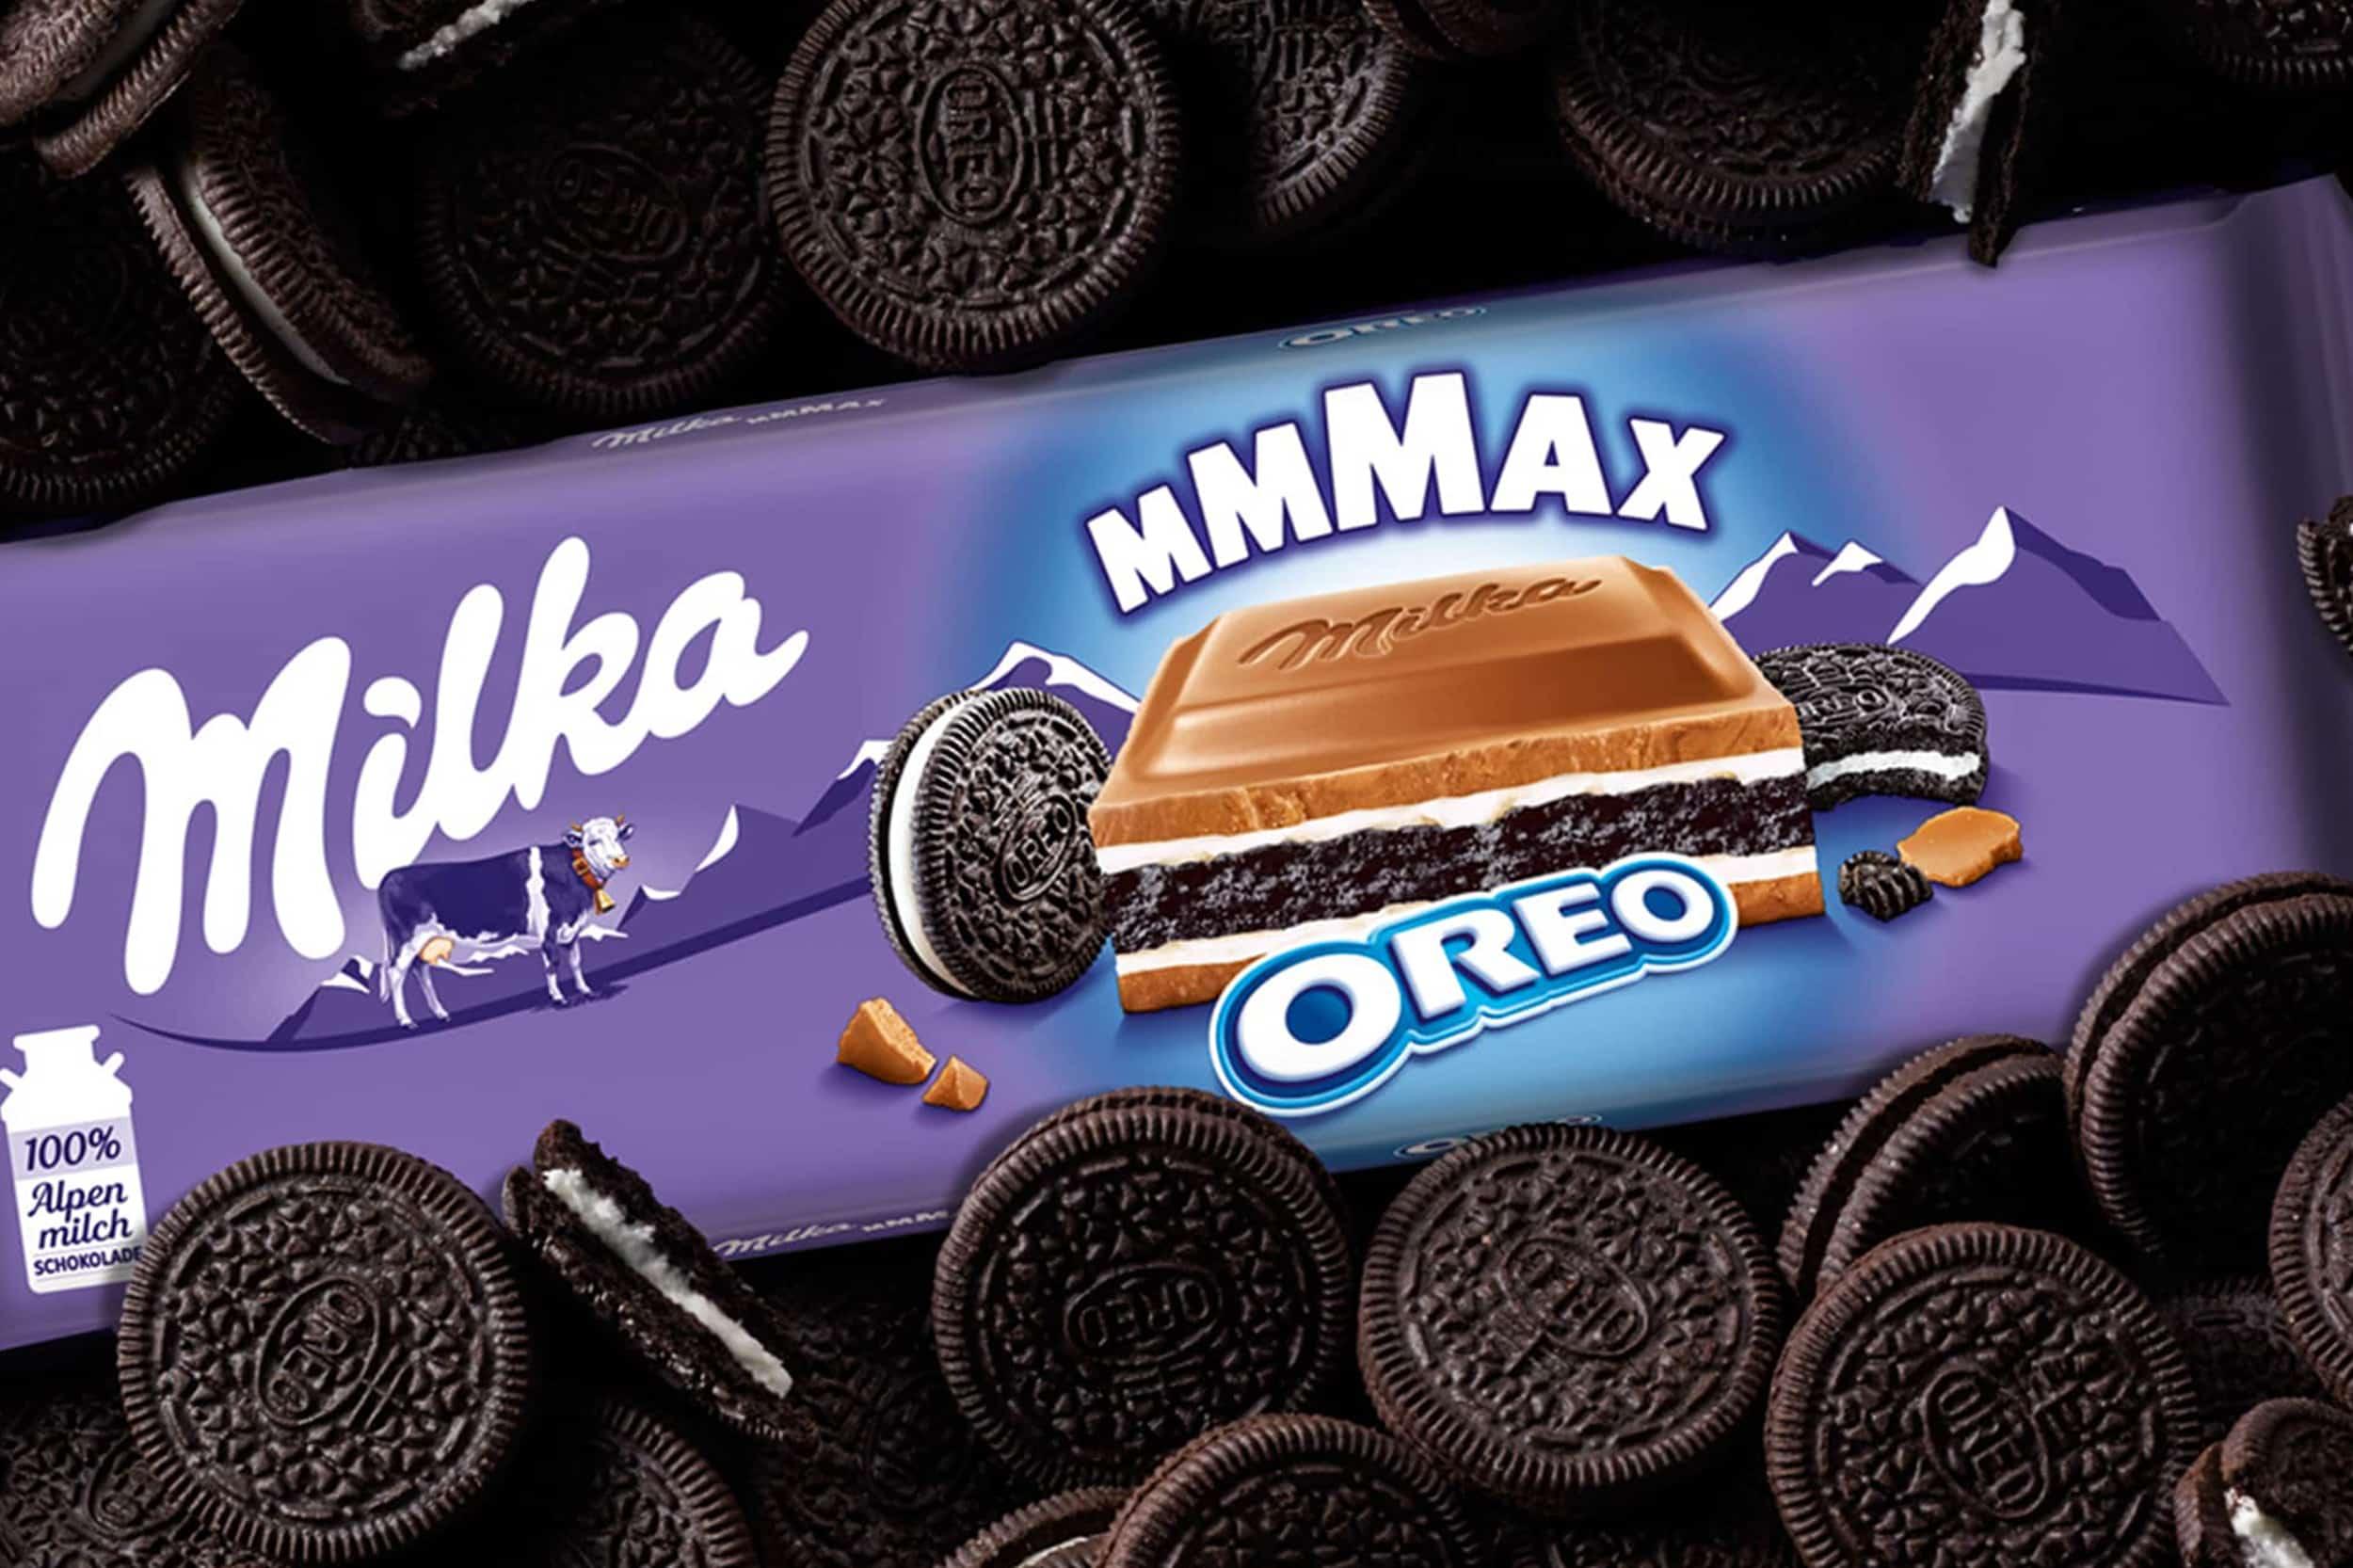 Case Milka Max Oreo